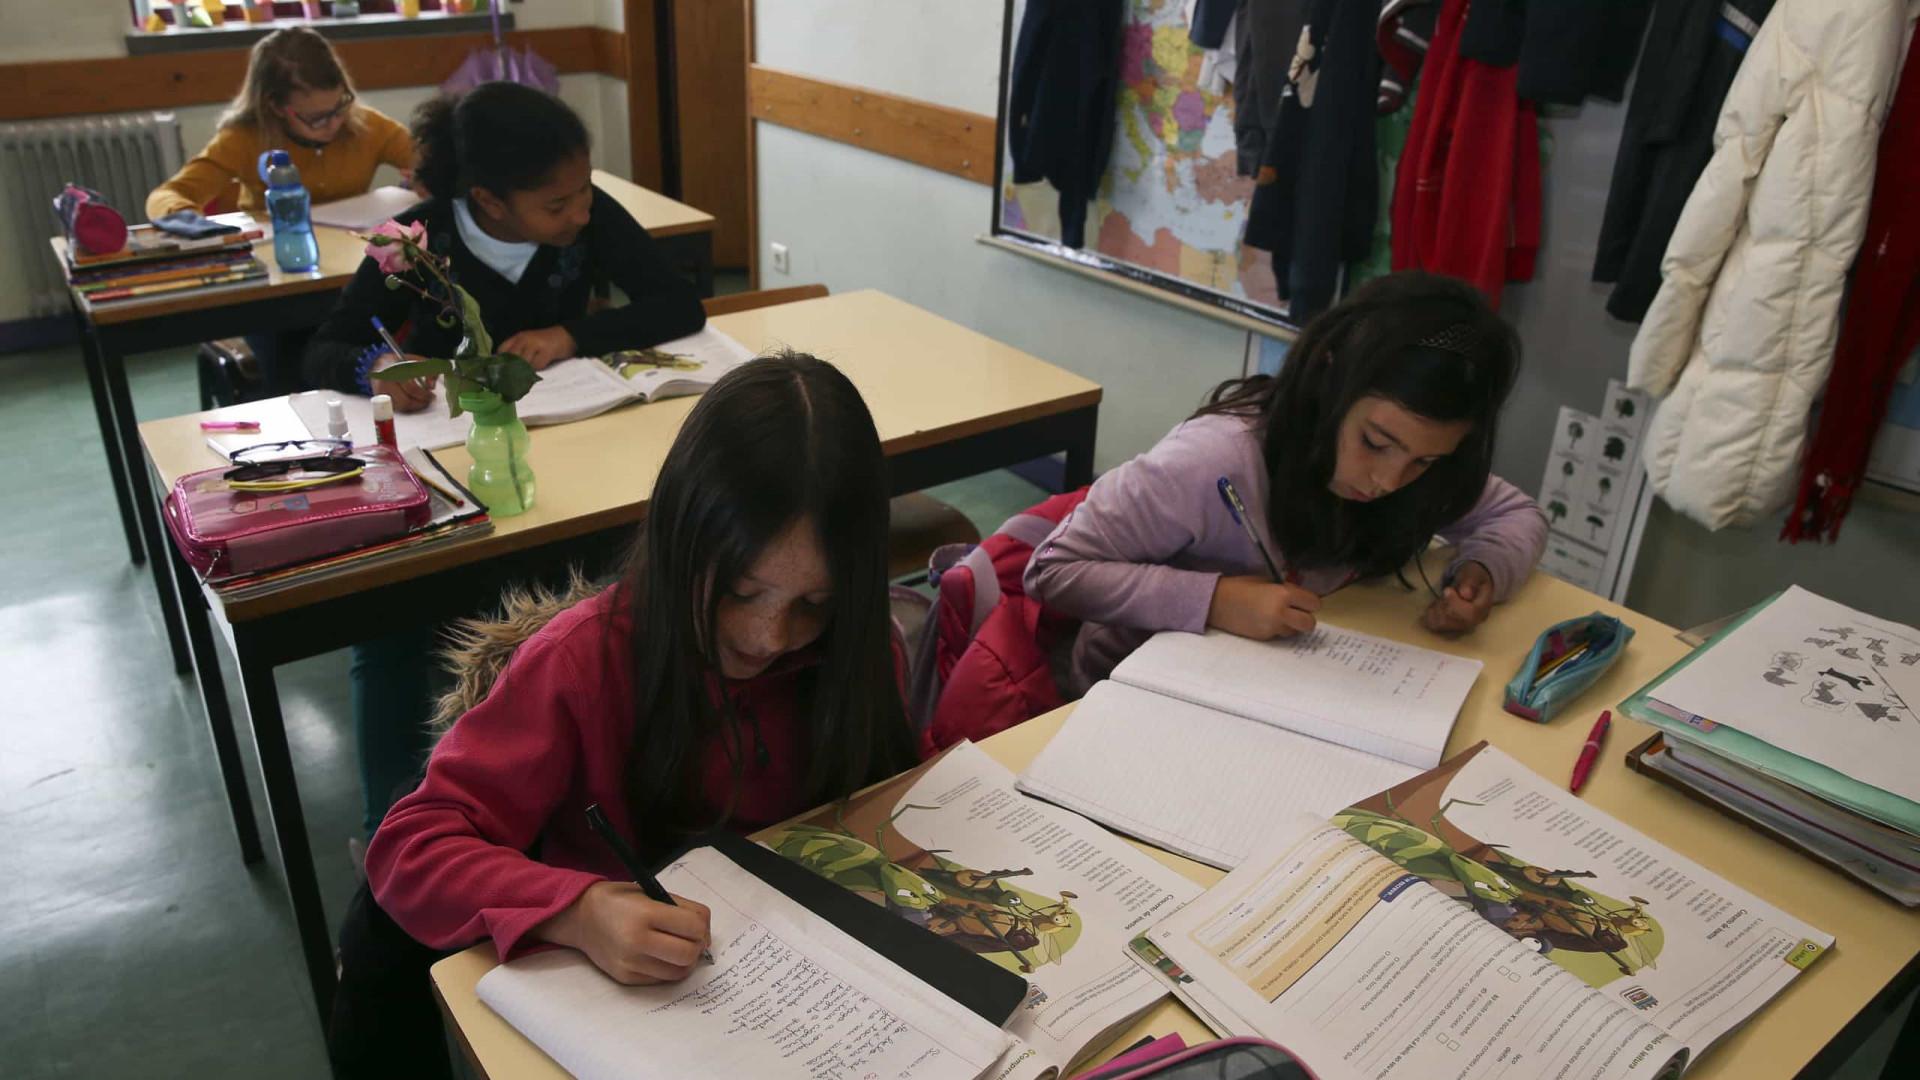 Governo quer alargar manuais grátis a mais niveis de ensino